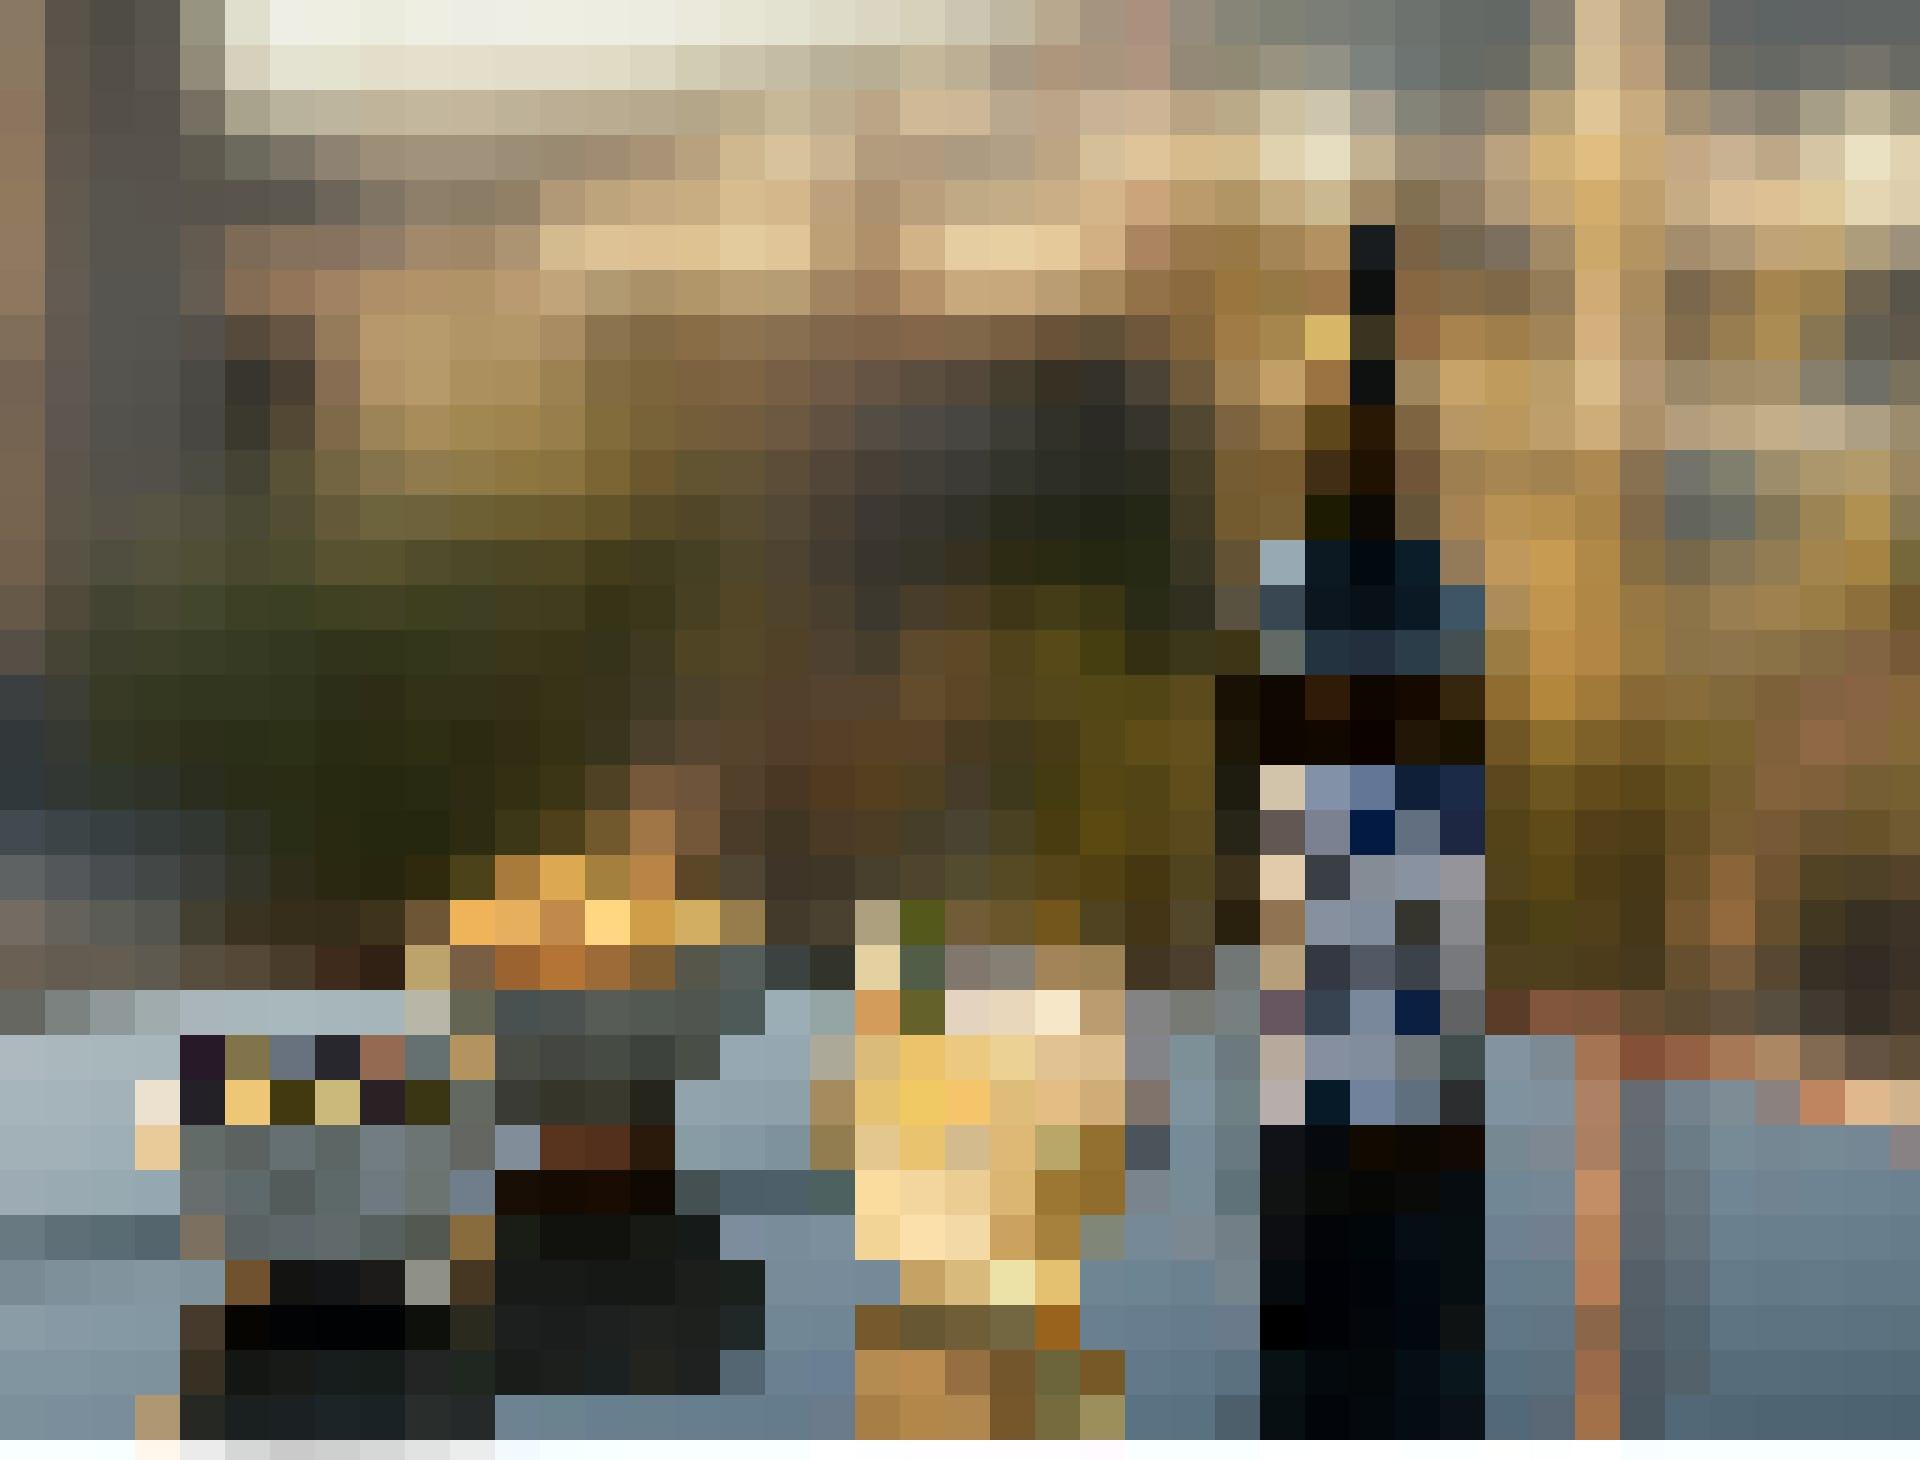 Der weisse Wermut lässt sich hervorragend pur trinken. Sein aromatischer Geschmack mit der leichten Zitrusnote kommt aber als «Spritz» besonders gut zur Geltung.